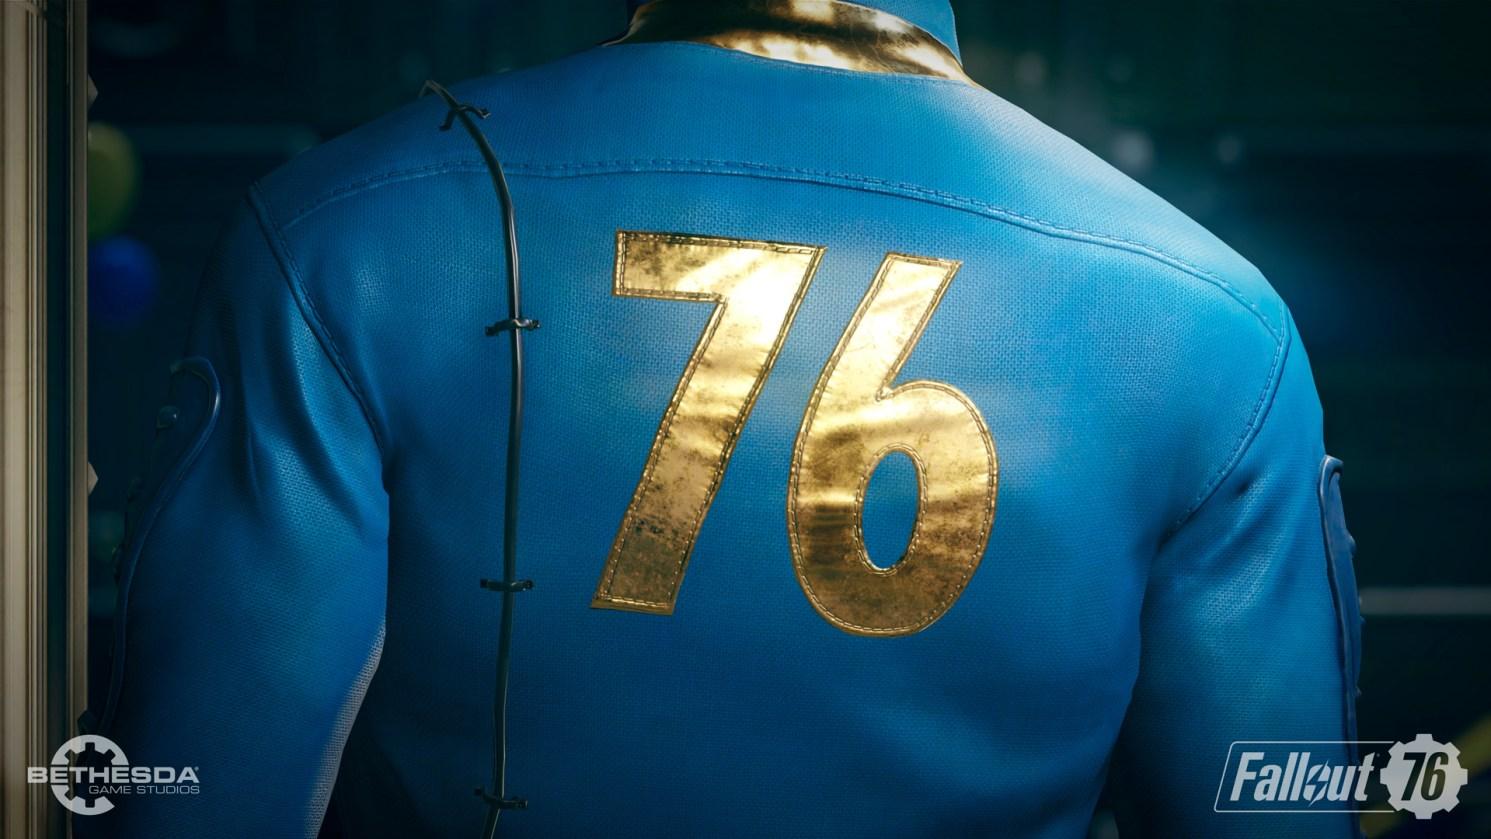 Fallout 76 mediante un tráiler teaser